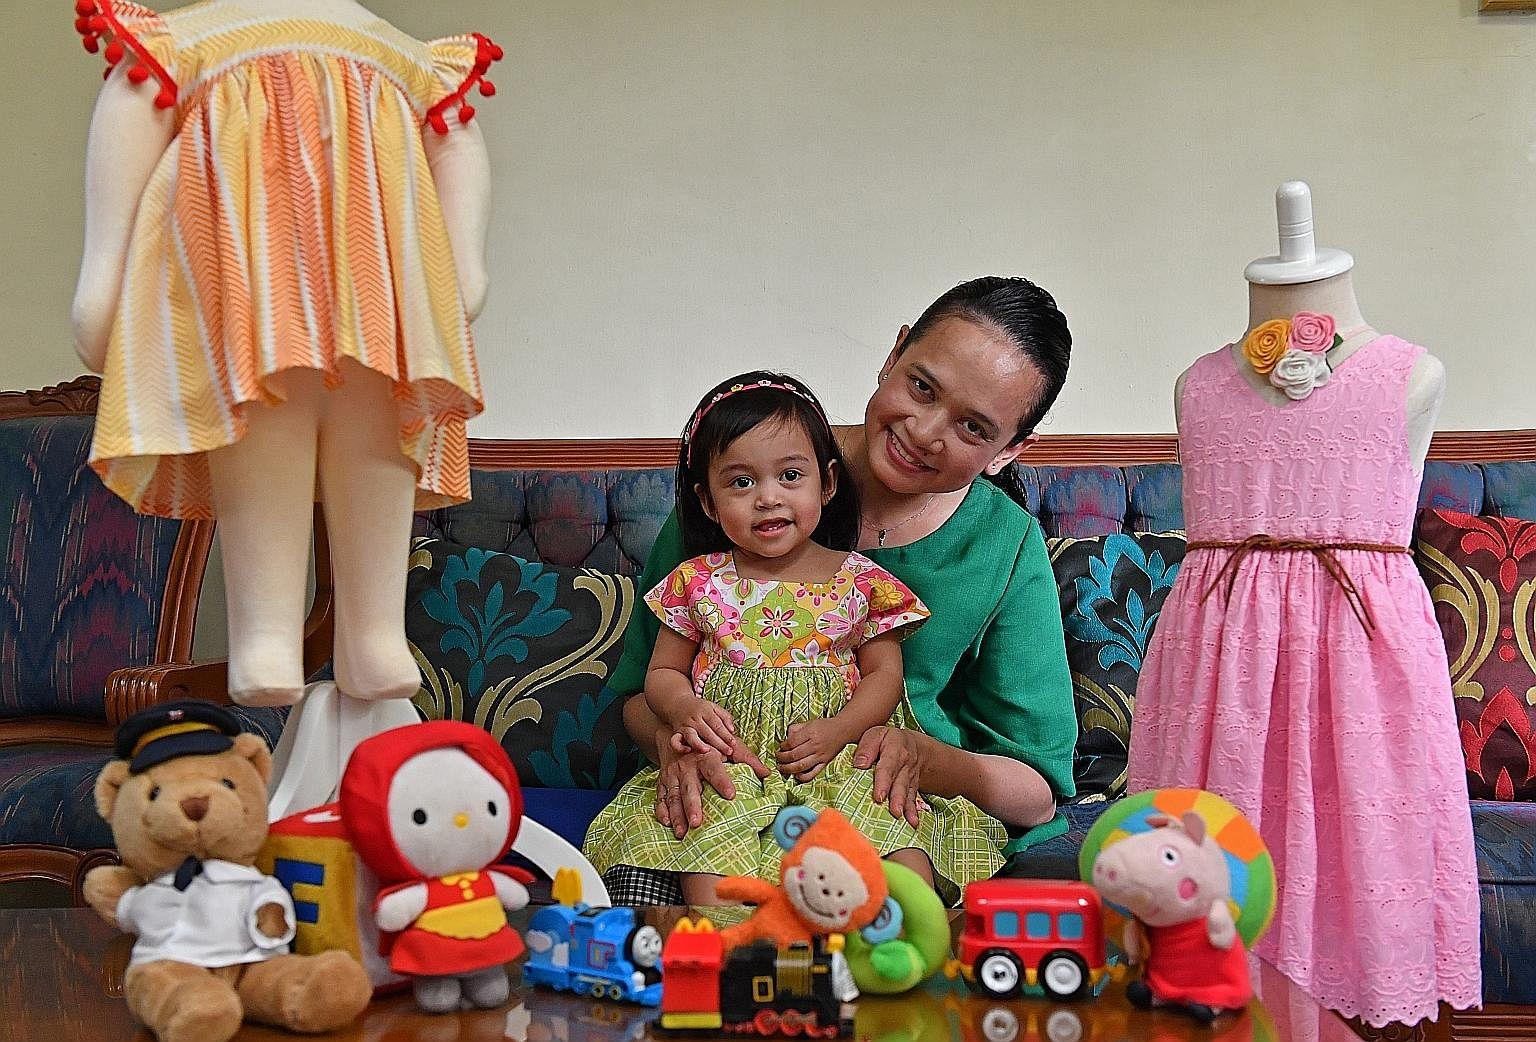 Ms Nurul Farah Niz sews clothes for her four children, including Dania, 11/2.